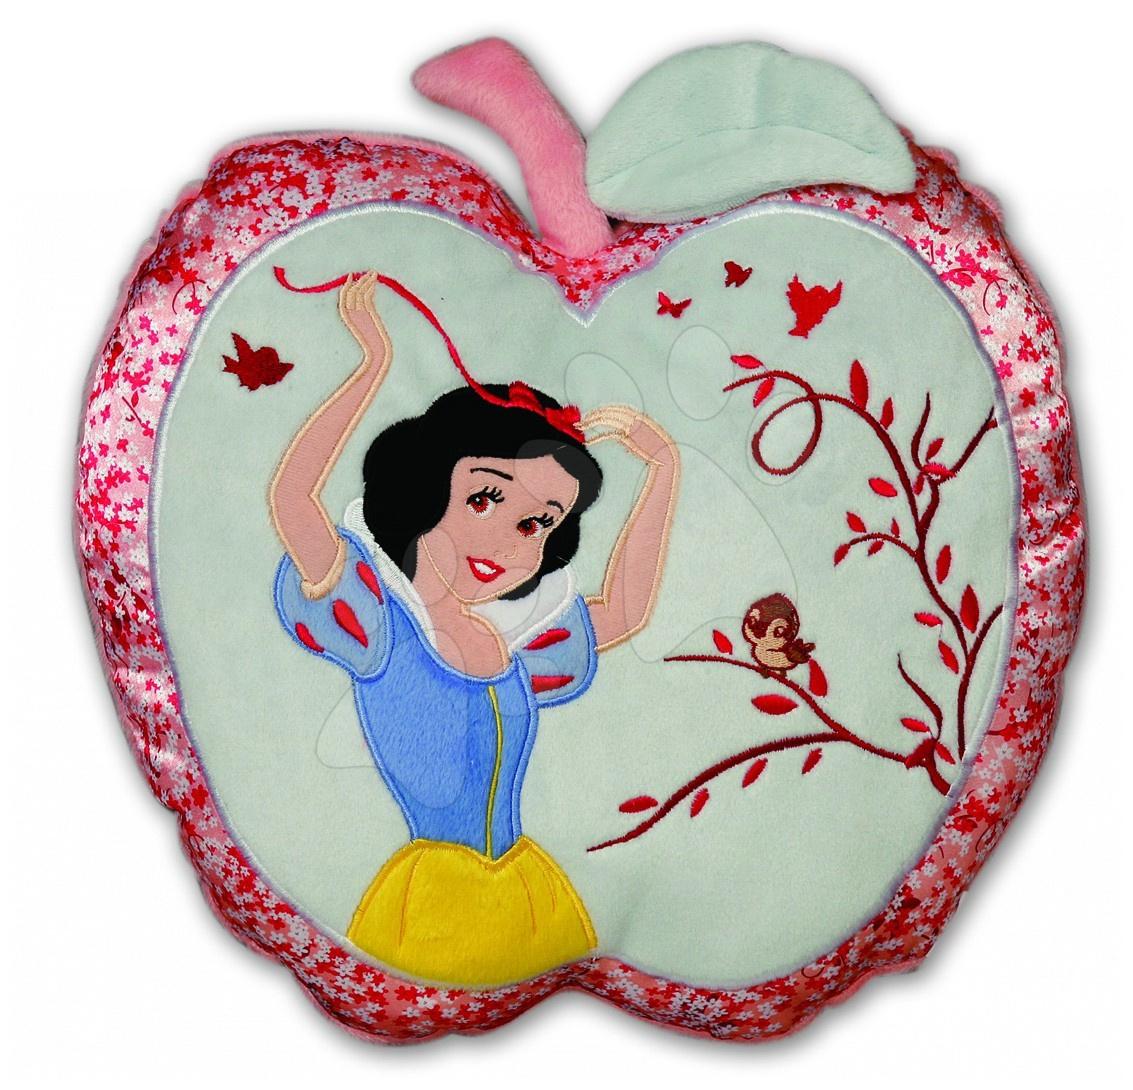 Polštář WD Princezny Sněhurka Ilanit jablíčko 46 cm zelený